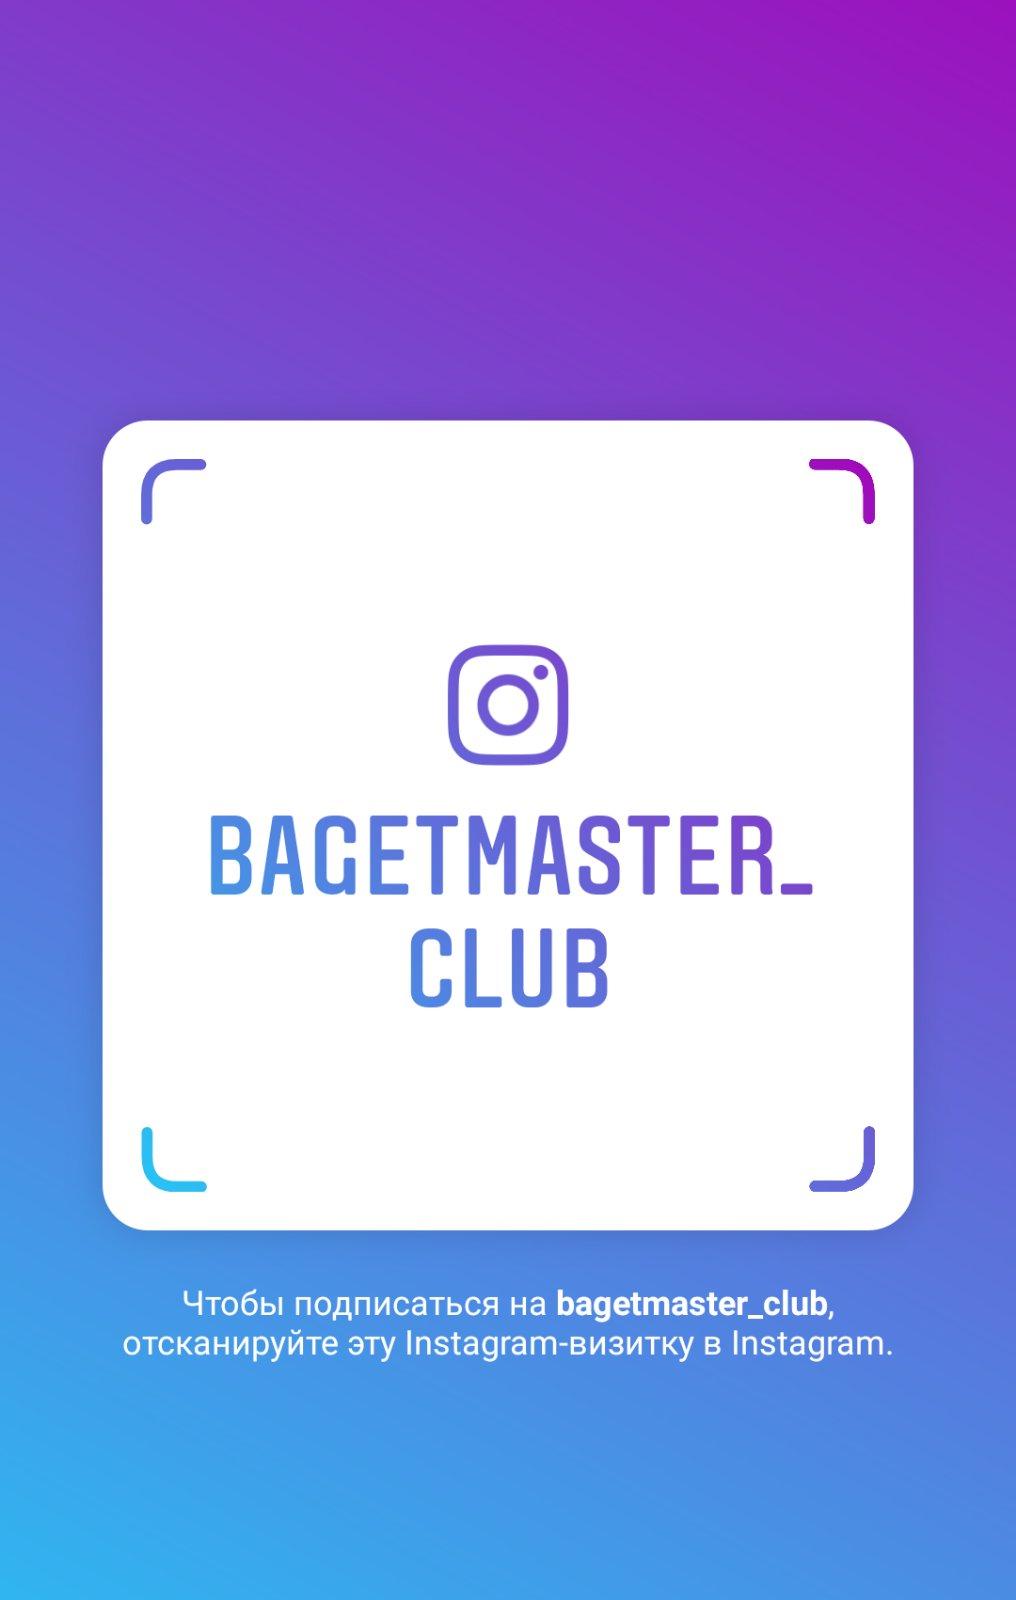 Страница baget-master в instagram